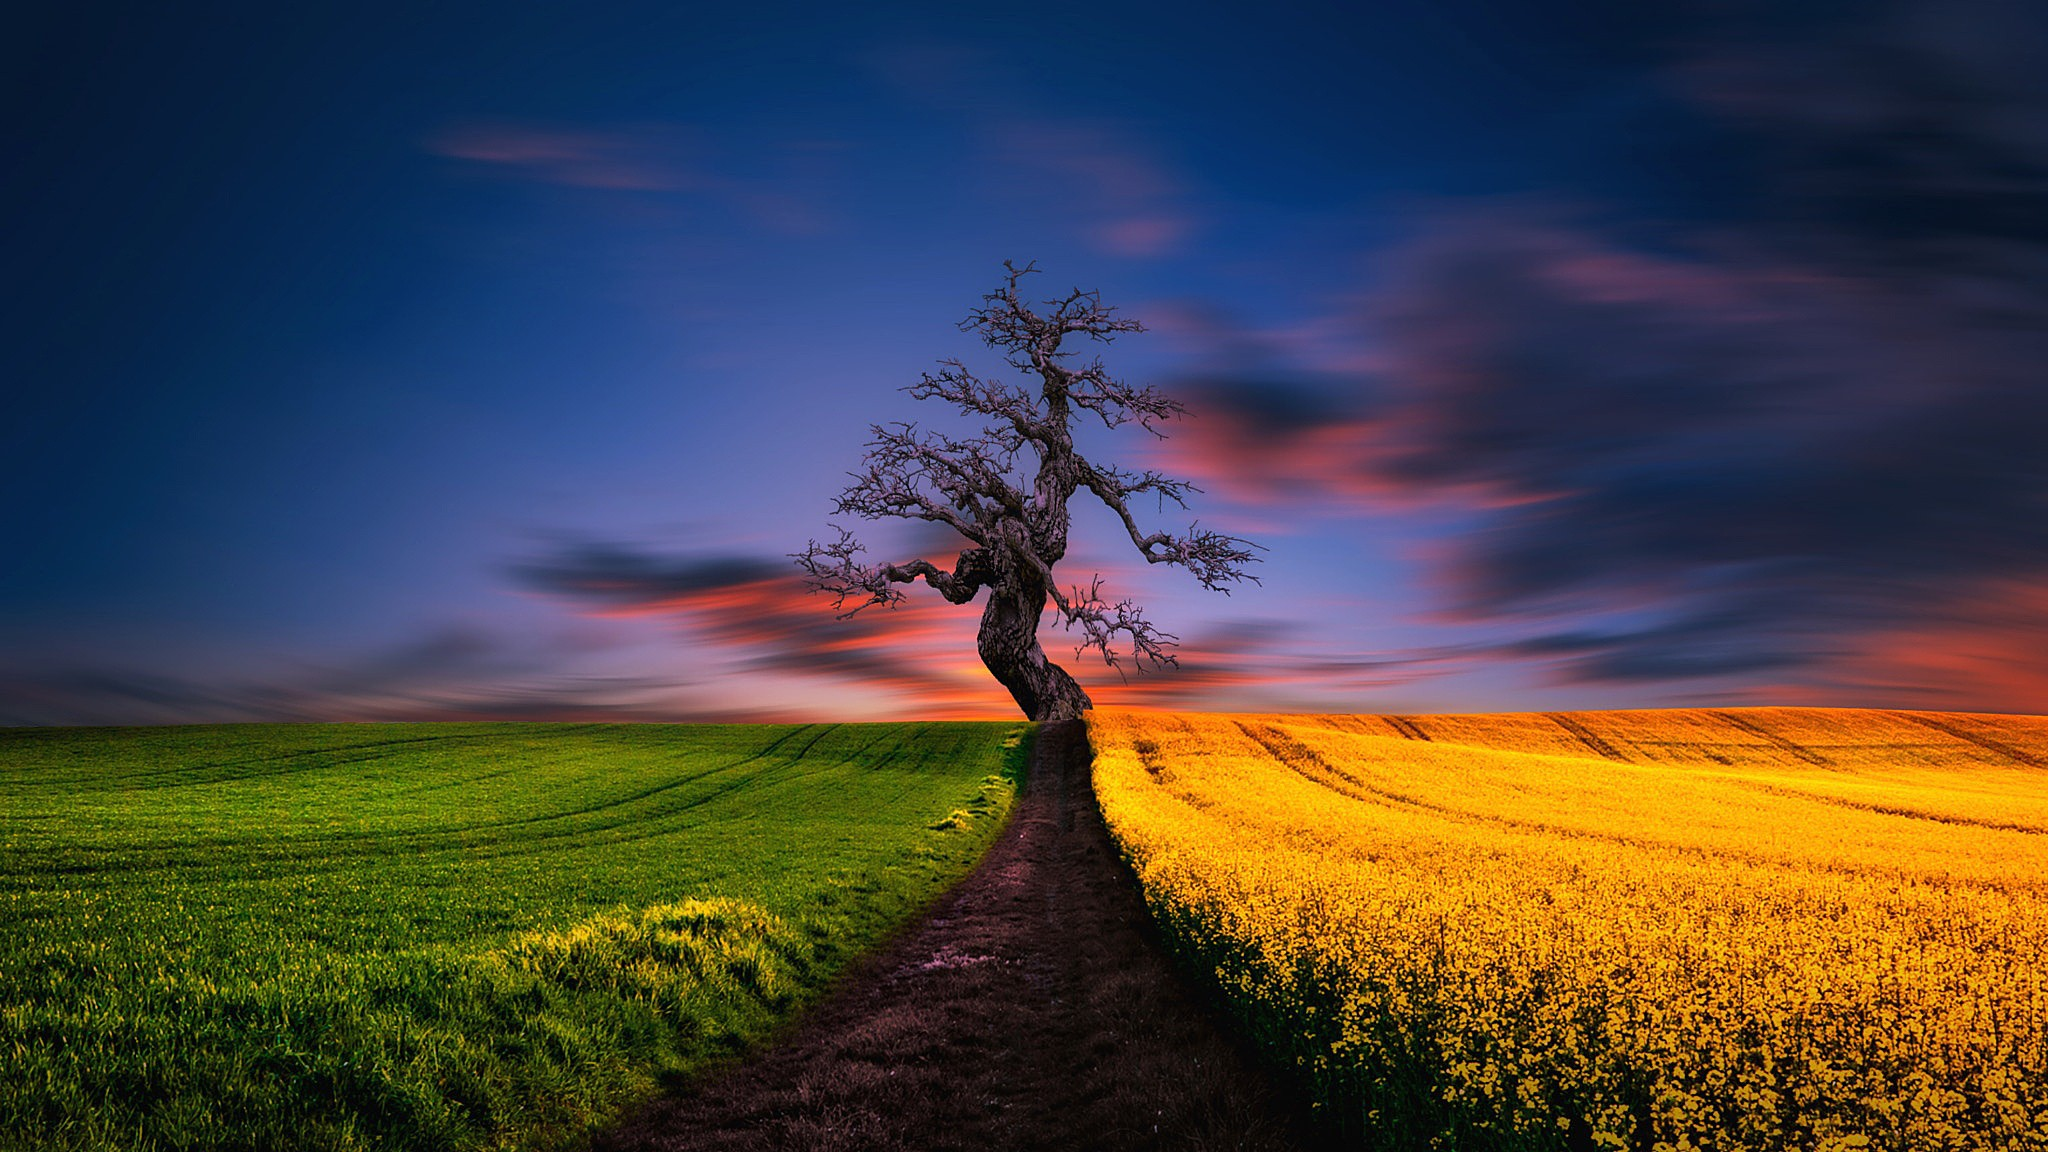 природа деревья поле загрузить